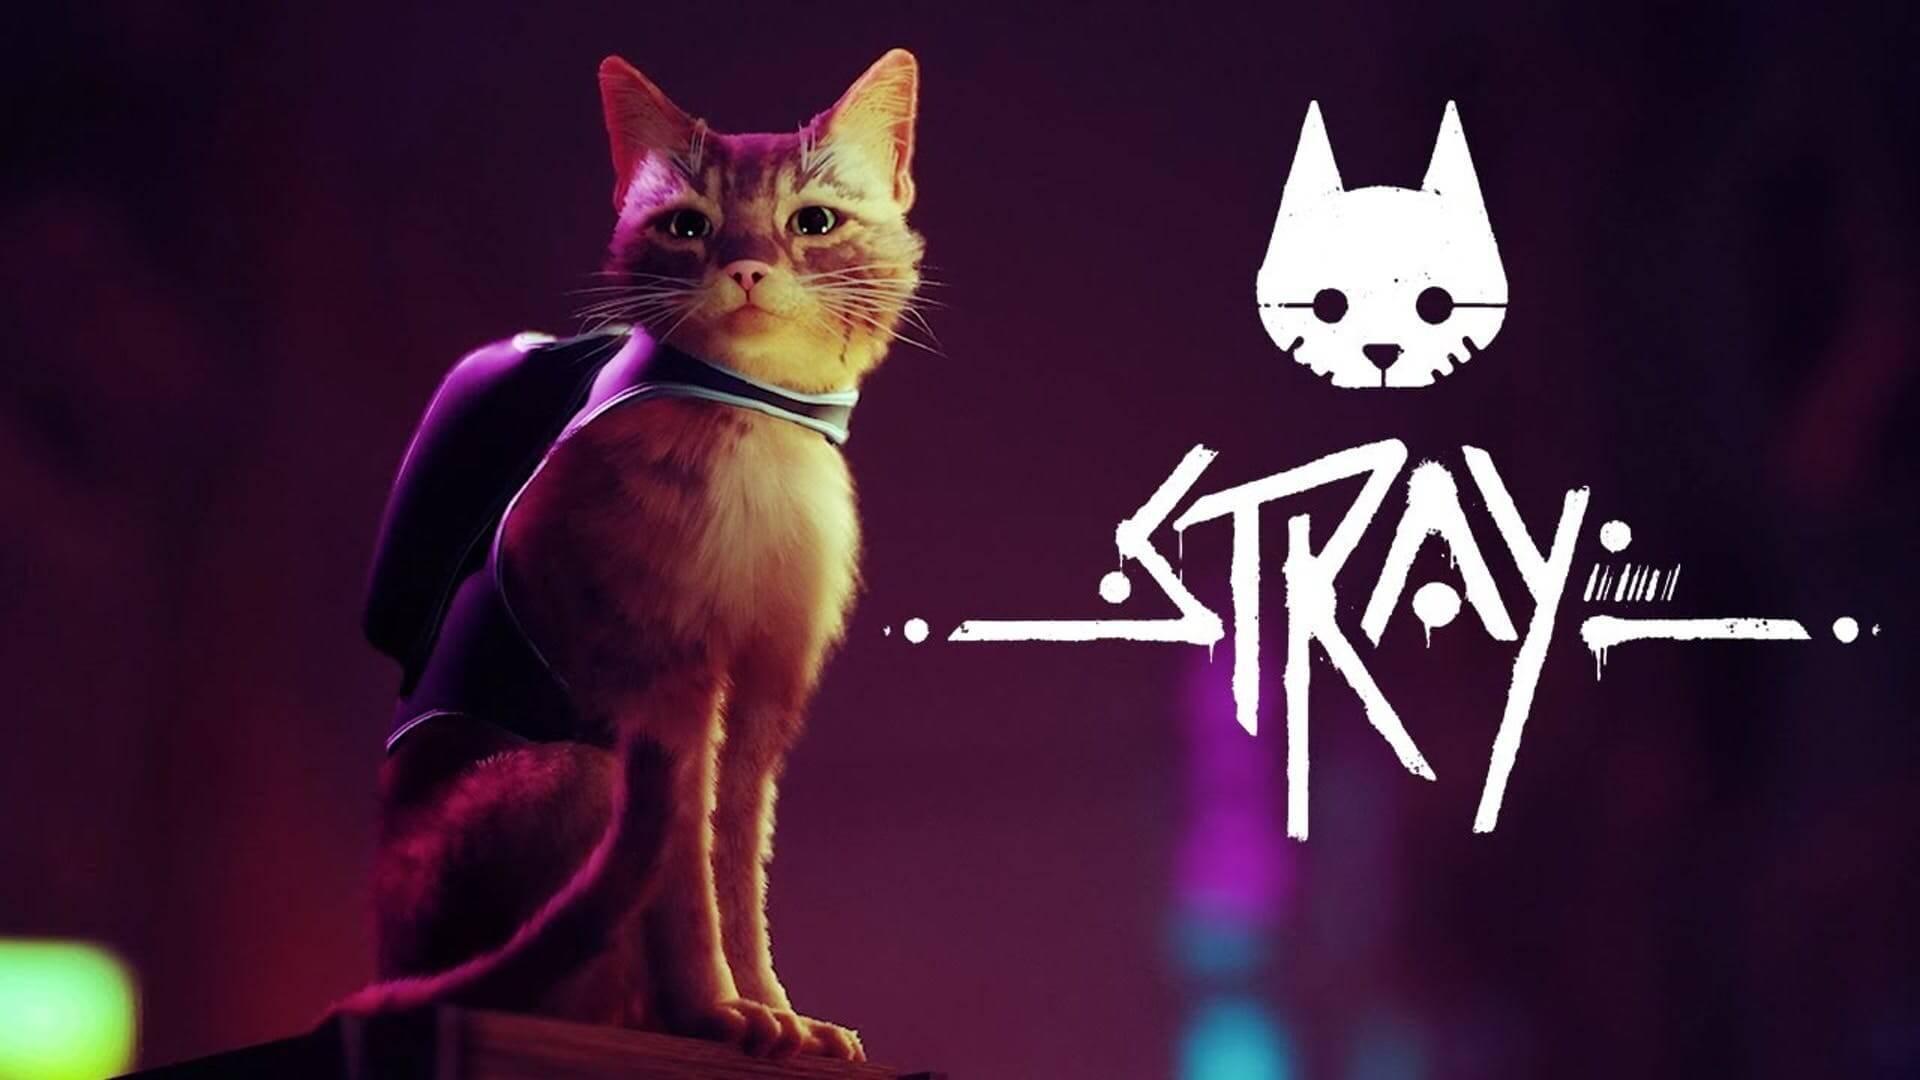 Stray muestra su divertido gameplay gatuno en un nuevo tráiler